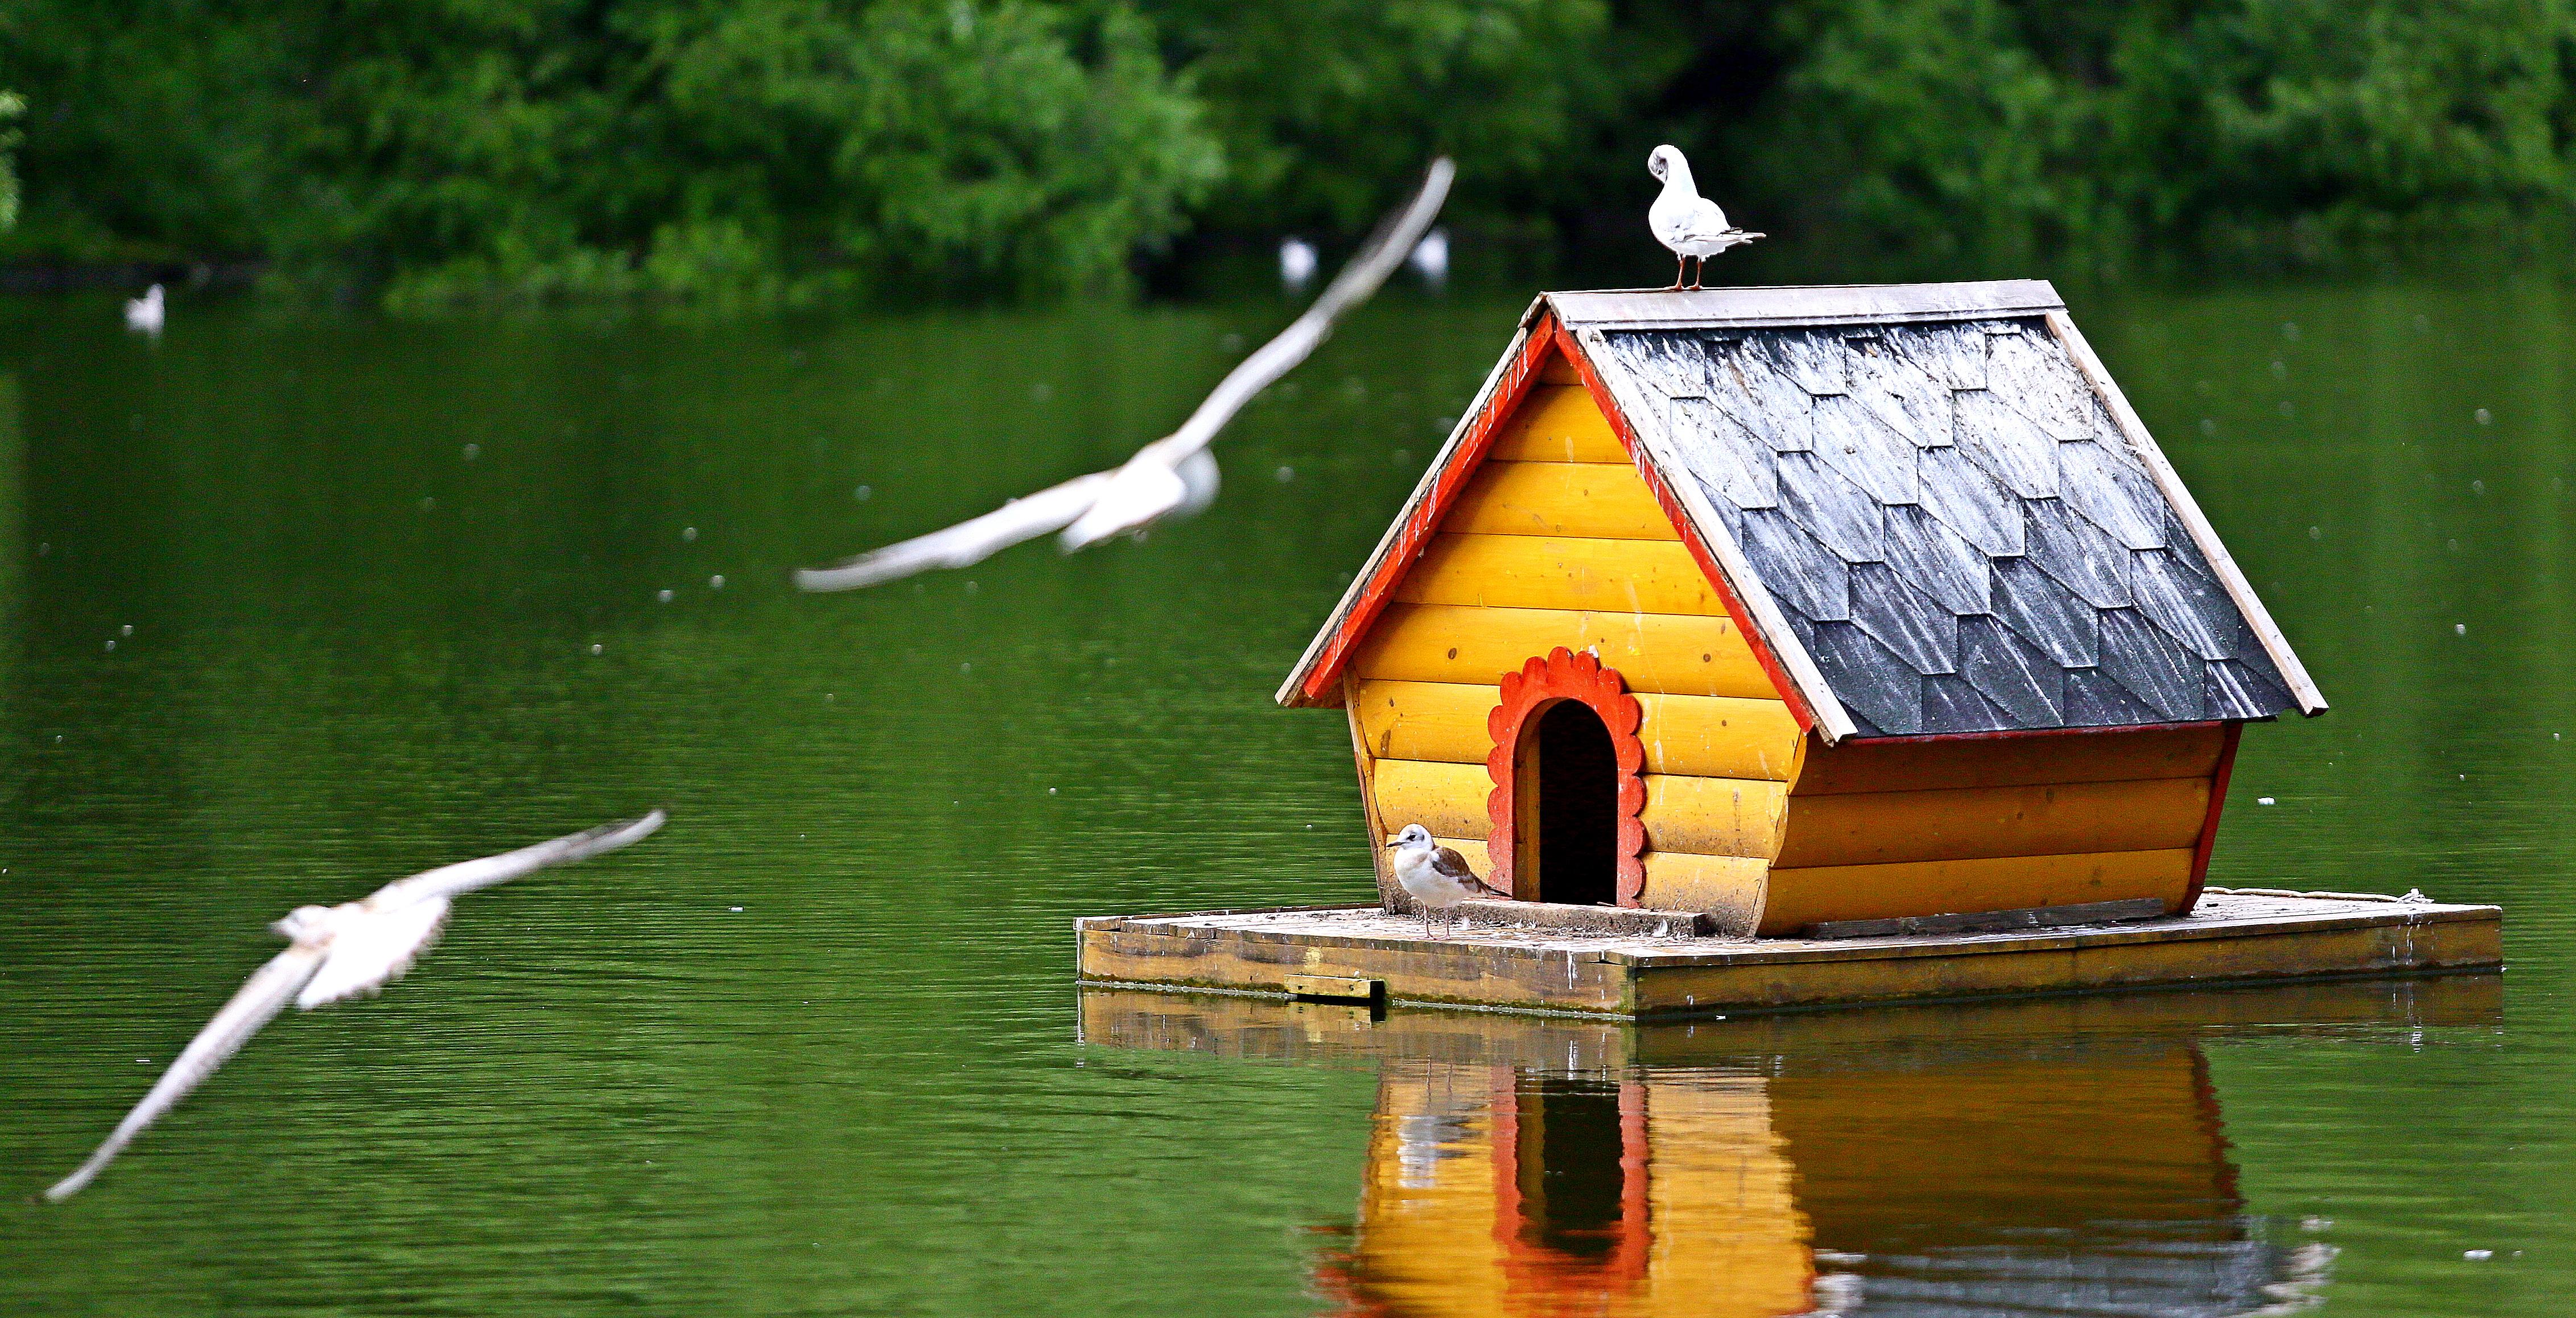 Москва реконструирует еще 15 прудов до 2021 года